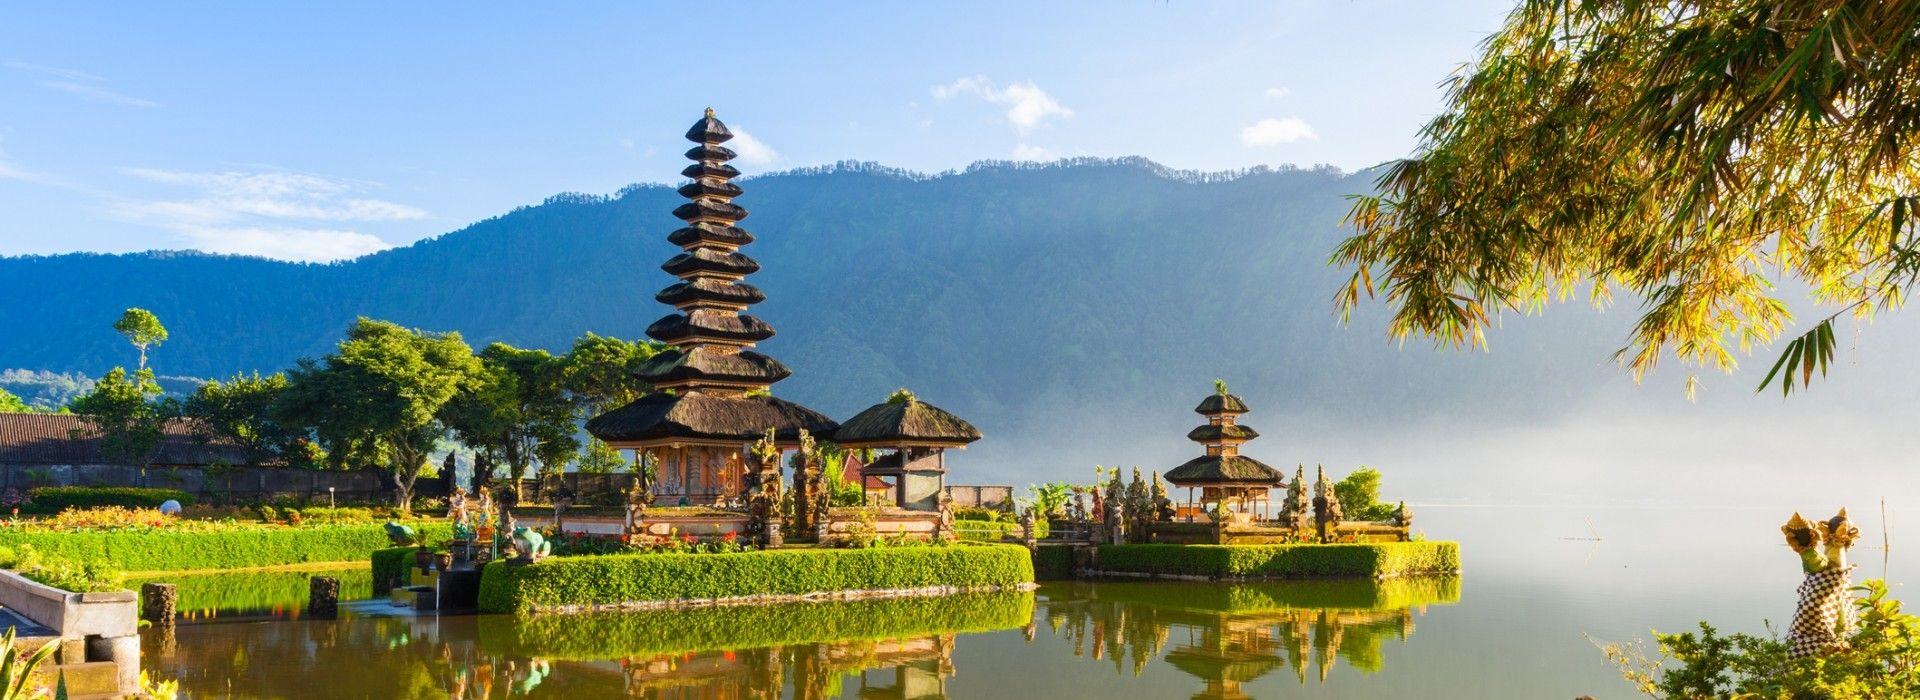 Adventure and sport activities Tours in Yogyakarta